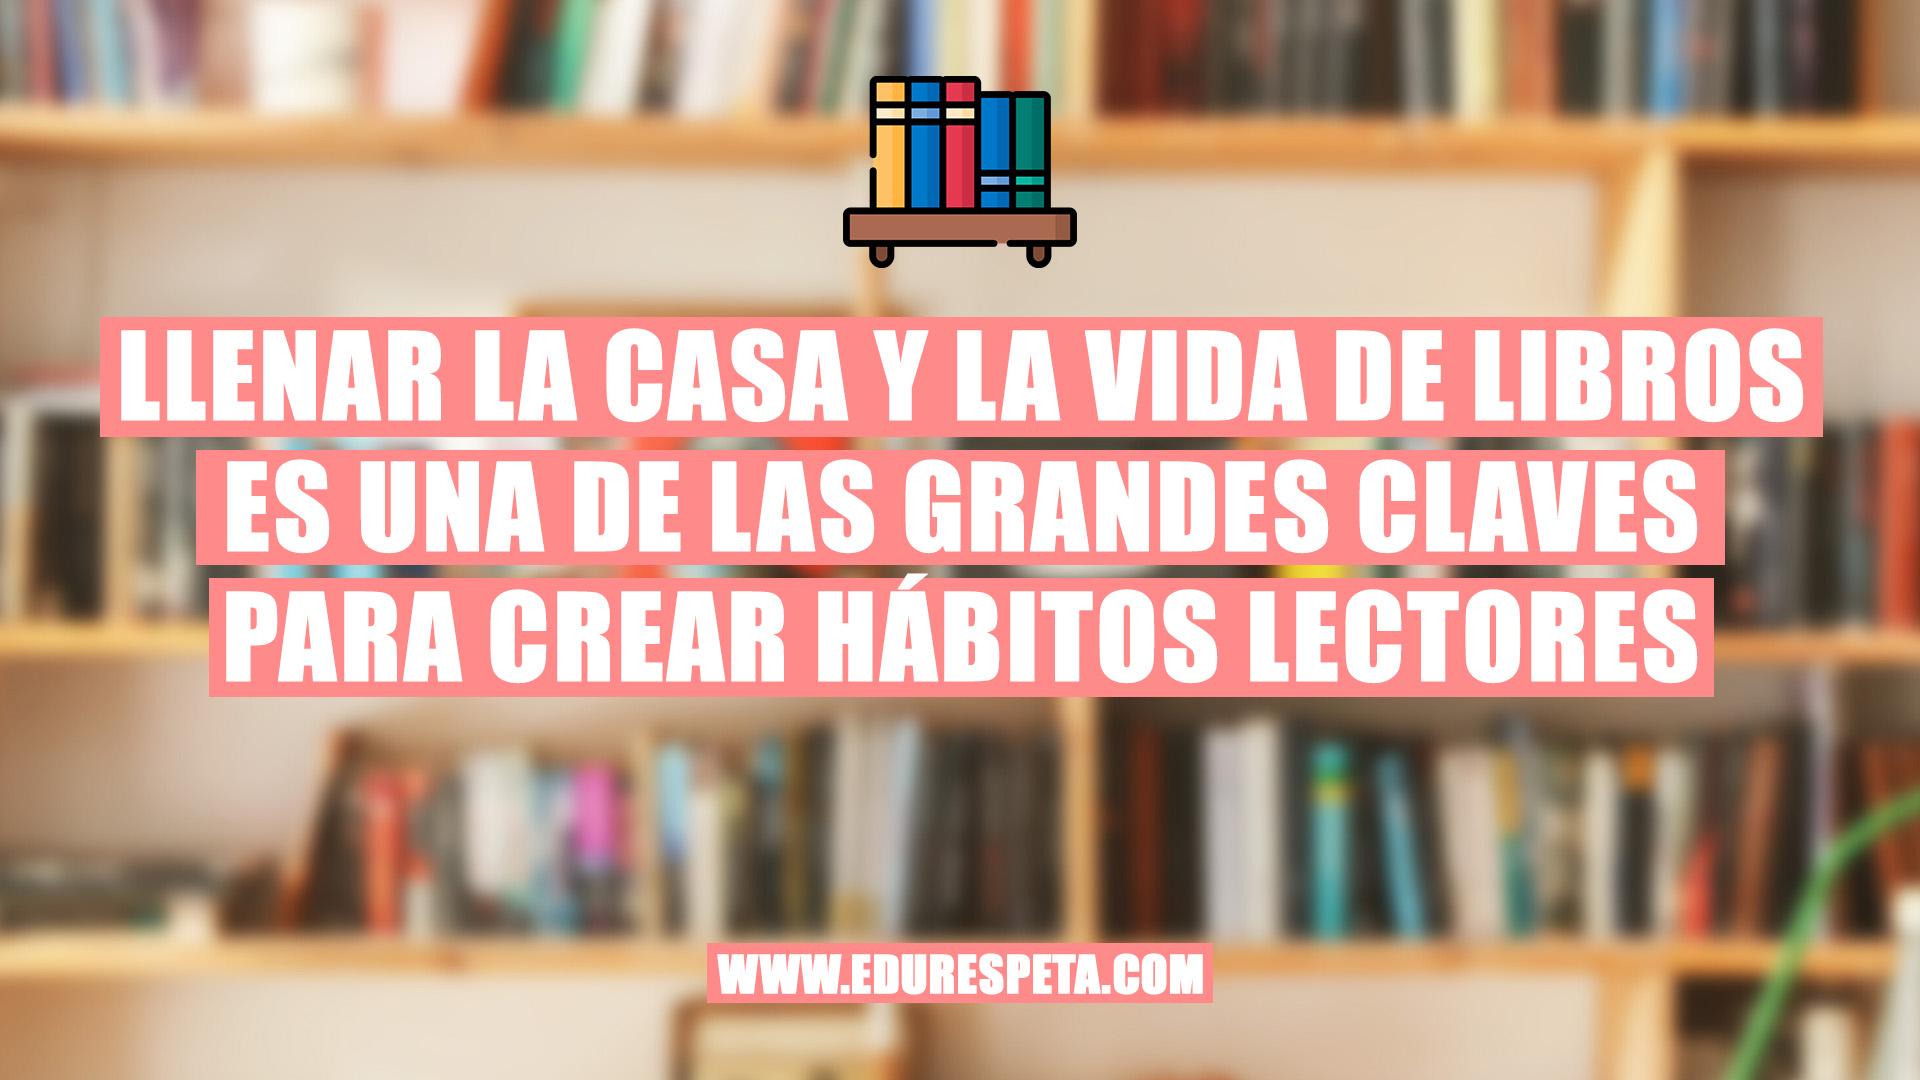 Llenar la casa y la vida de libros es una de las grandes claves para crear hábitos lectores